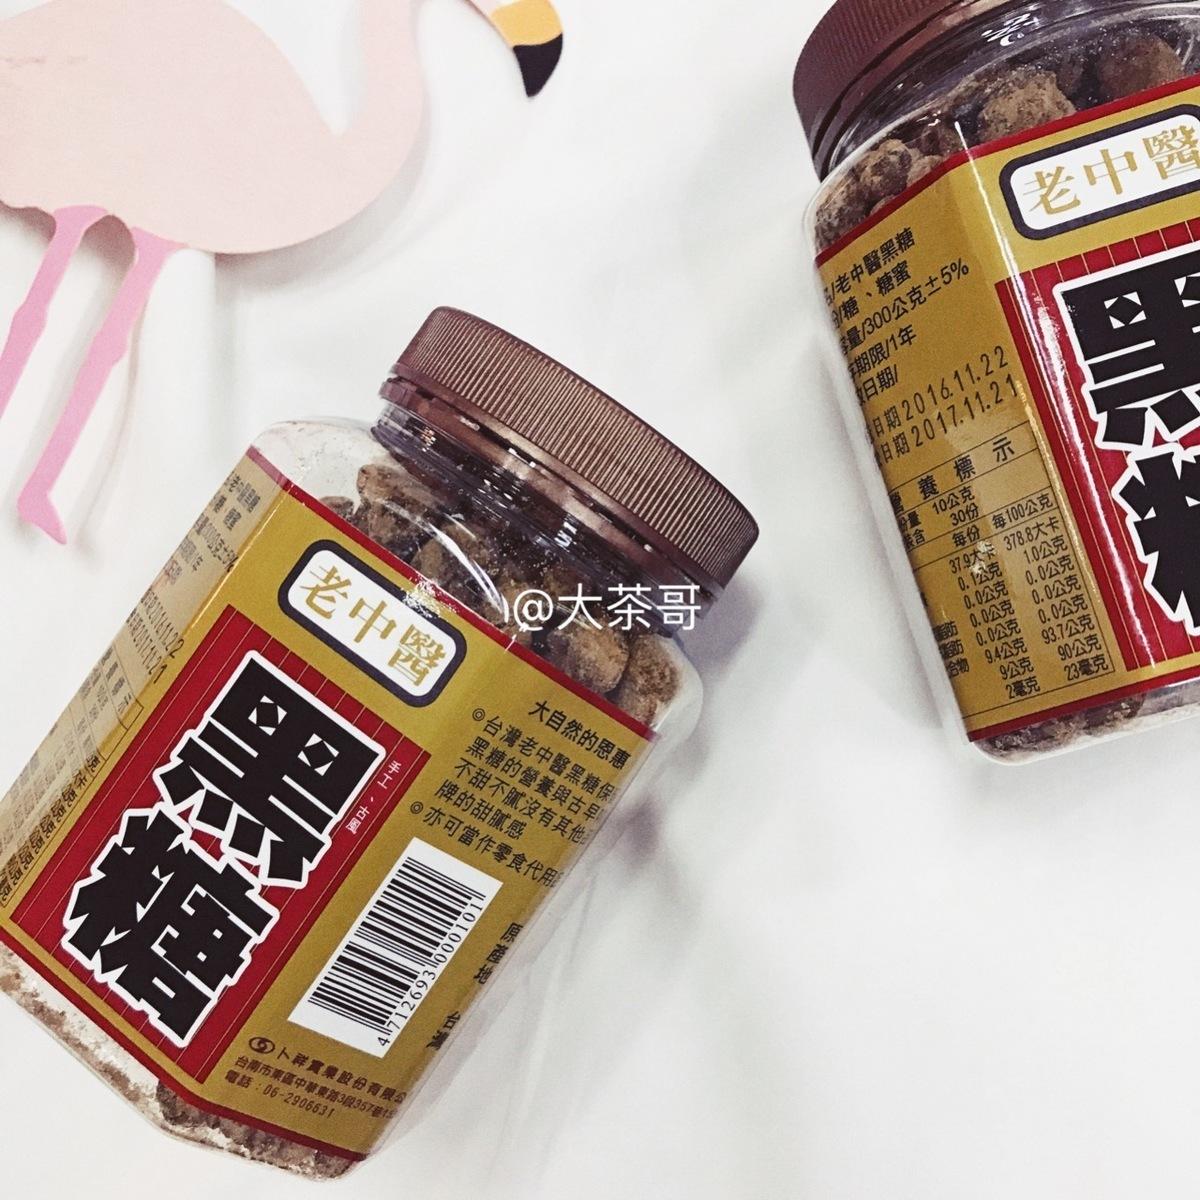 台湾特产正品